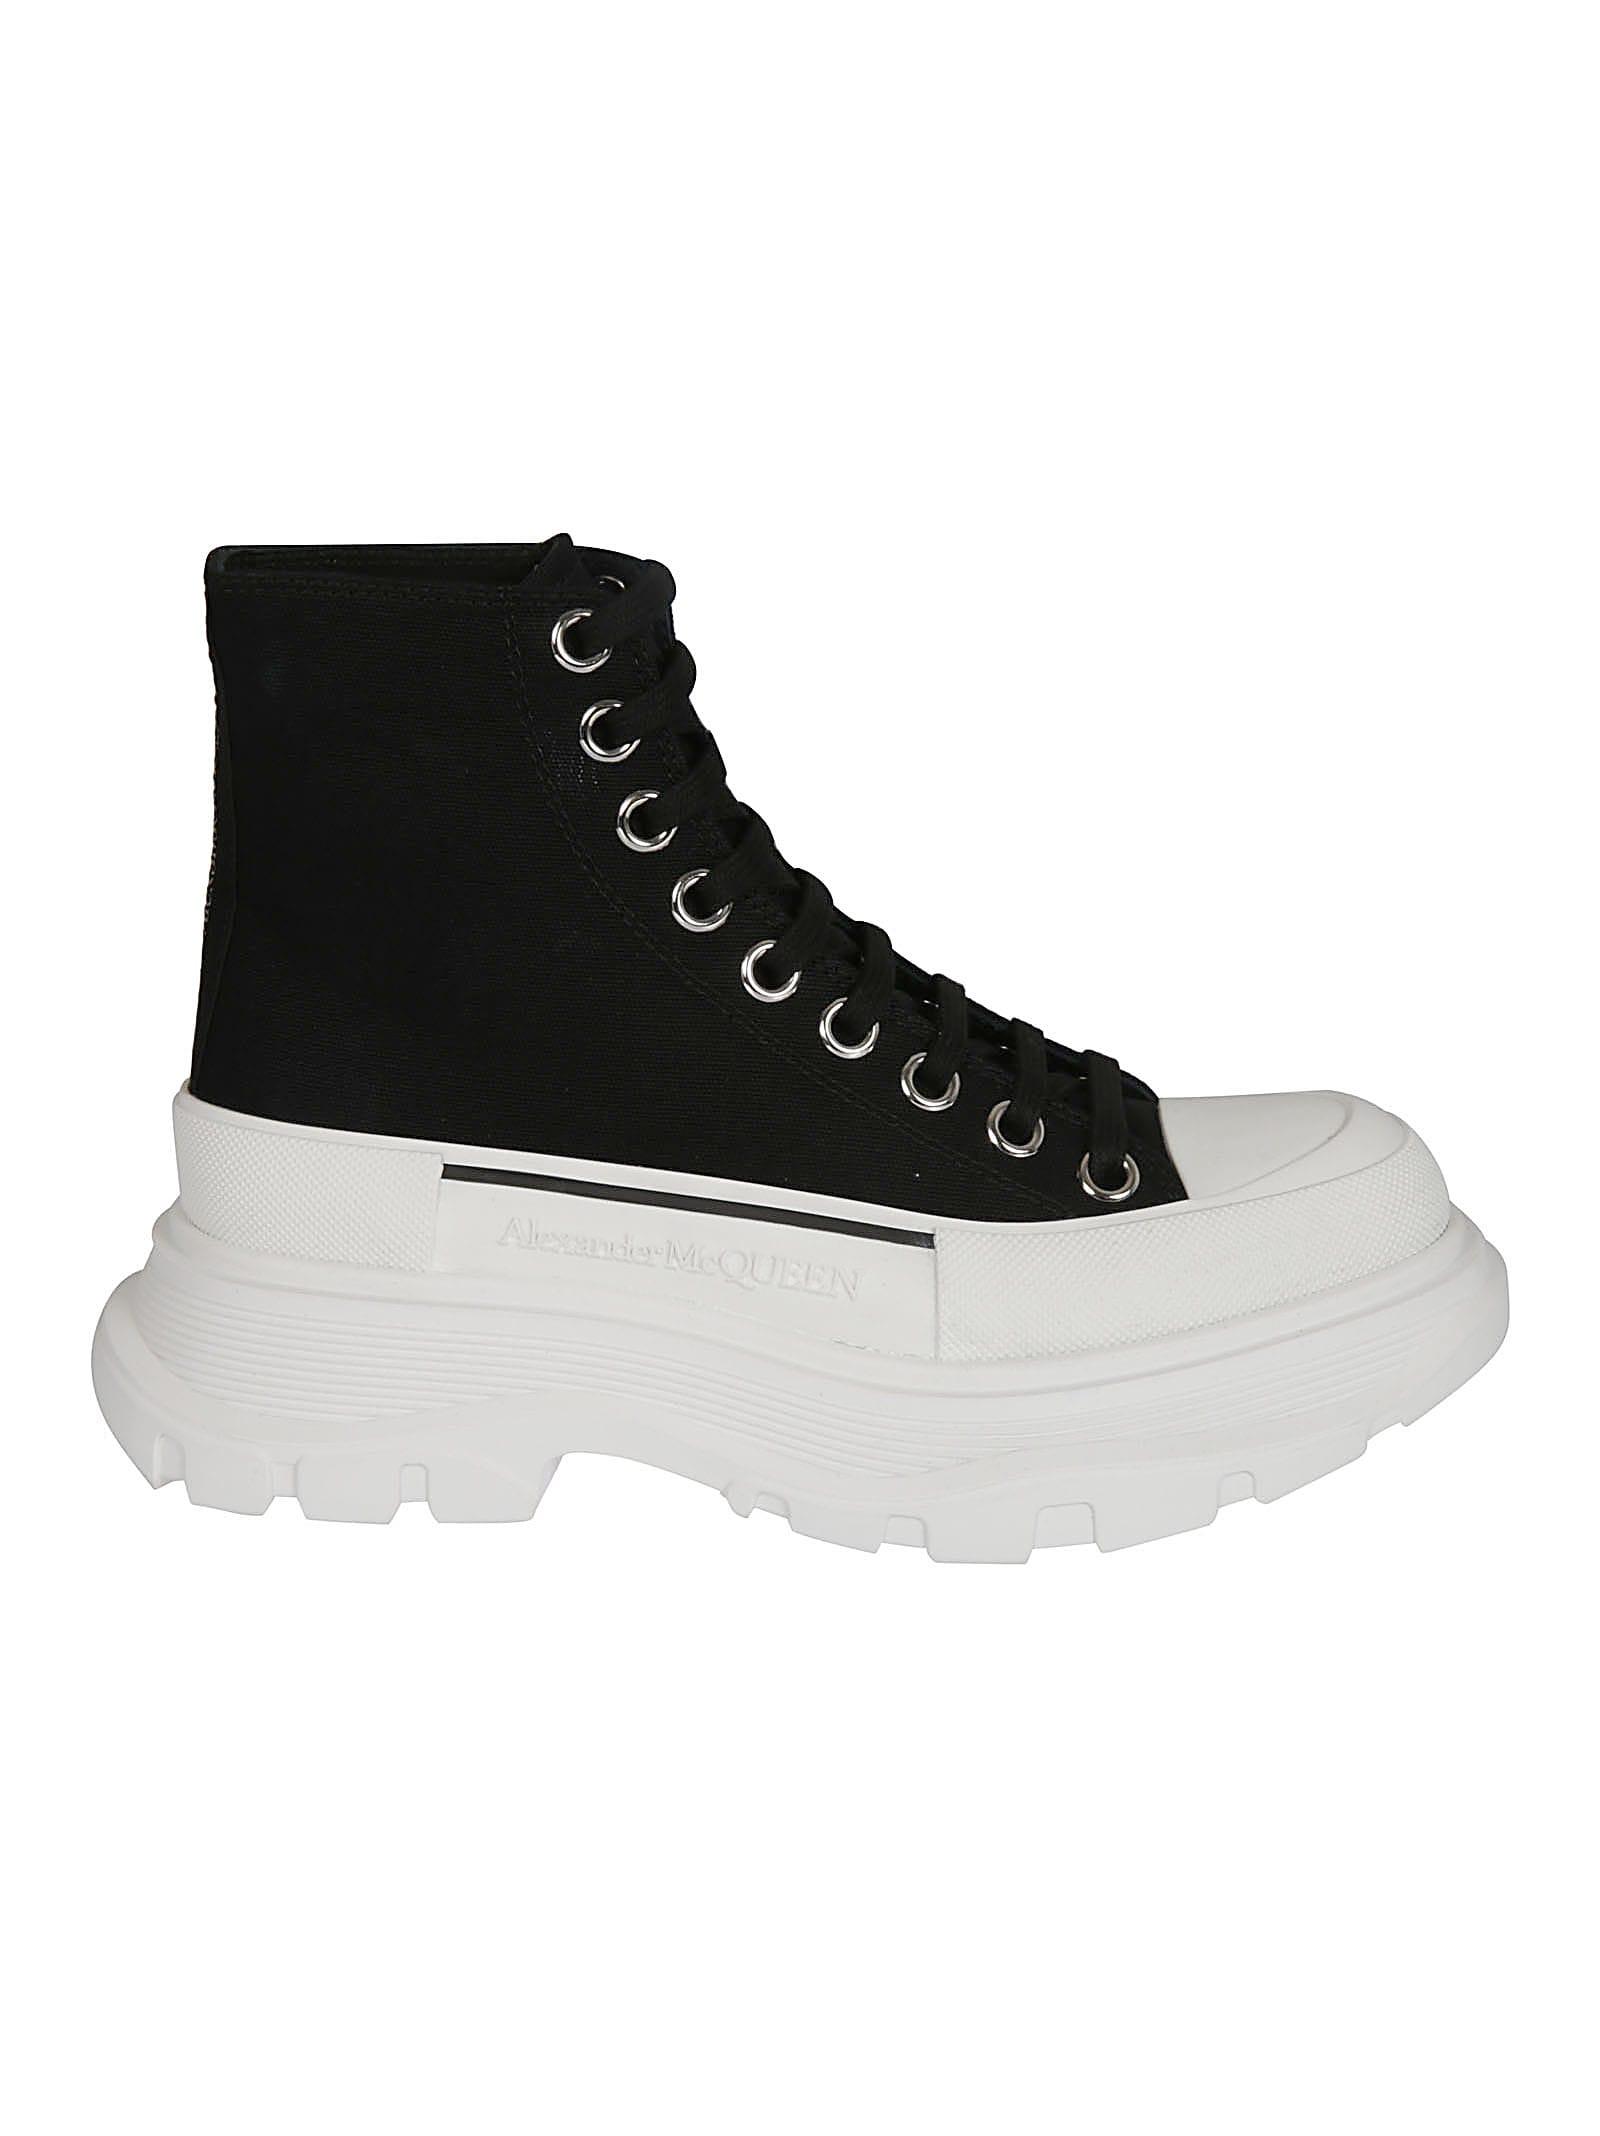 Alexander Mcqueen Sneakers PLATFORM LACE-UP SNEAKERS